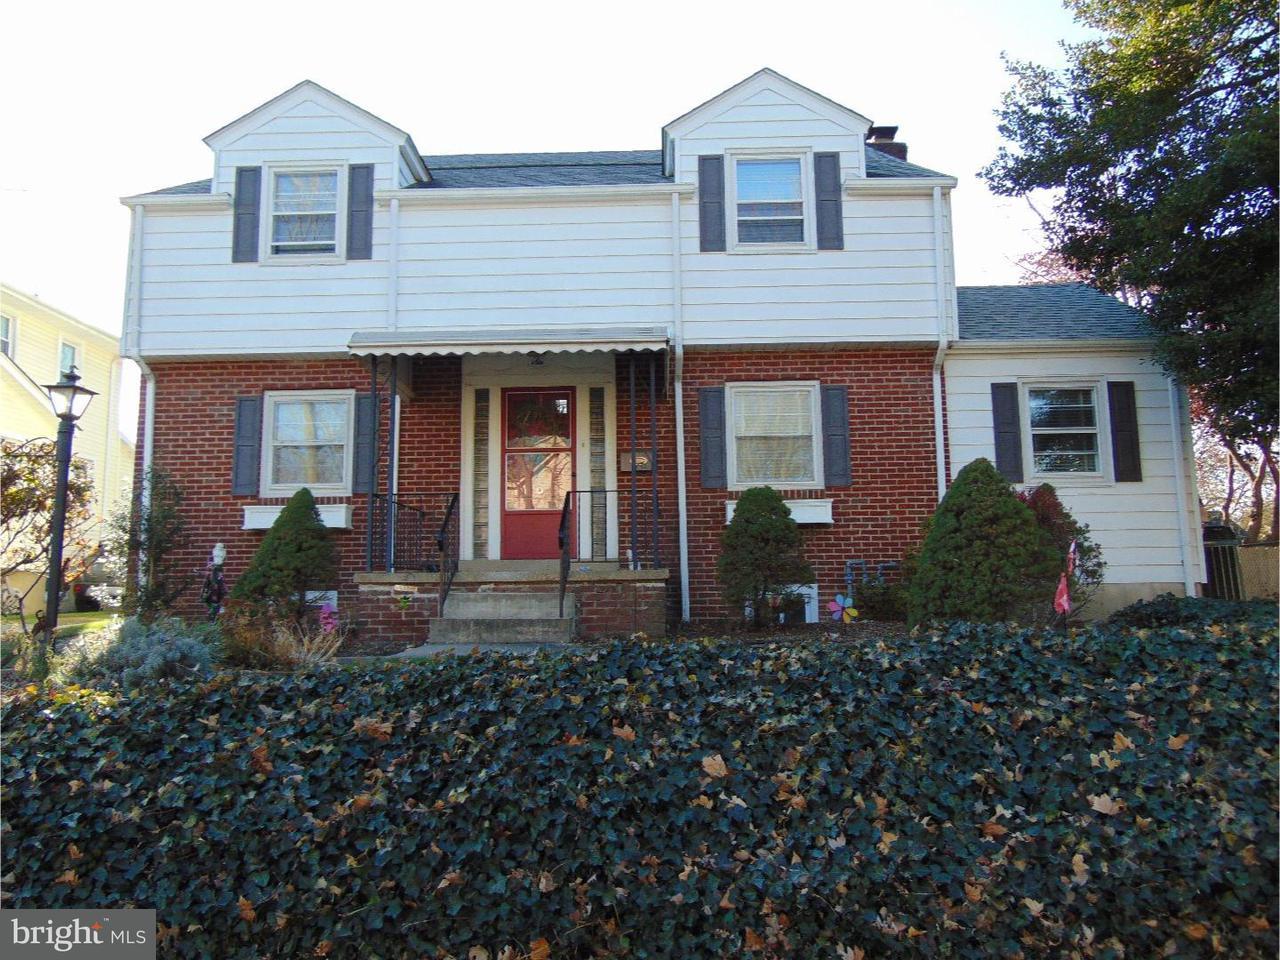 단독 가정 주택 용 매매 에 6 WYOMING Avenue Audubon, 뉴저지 08106 미국